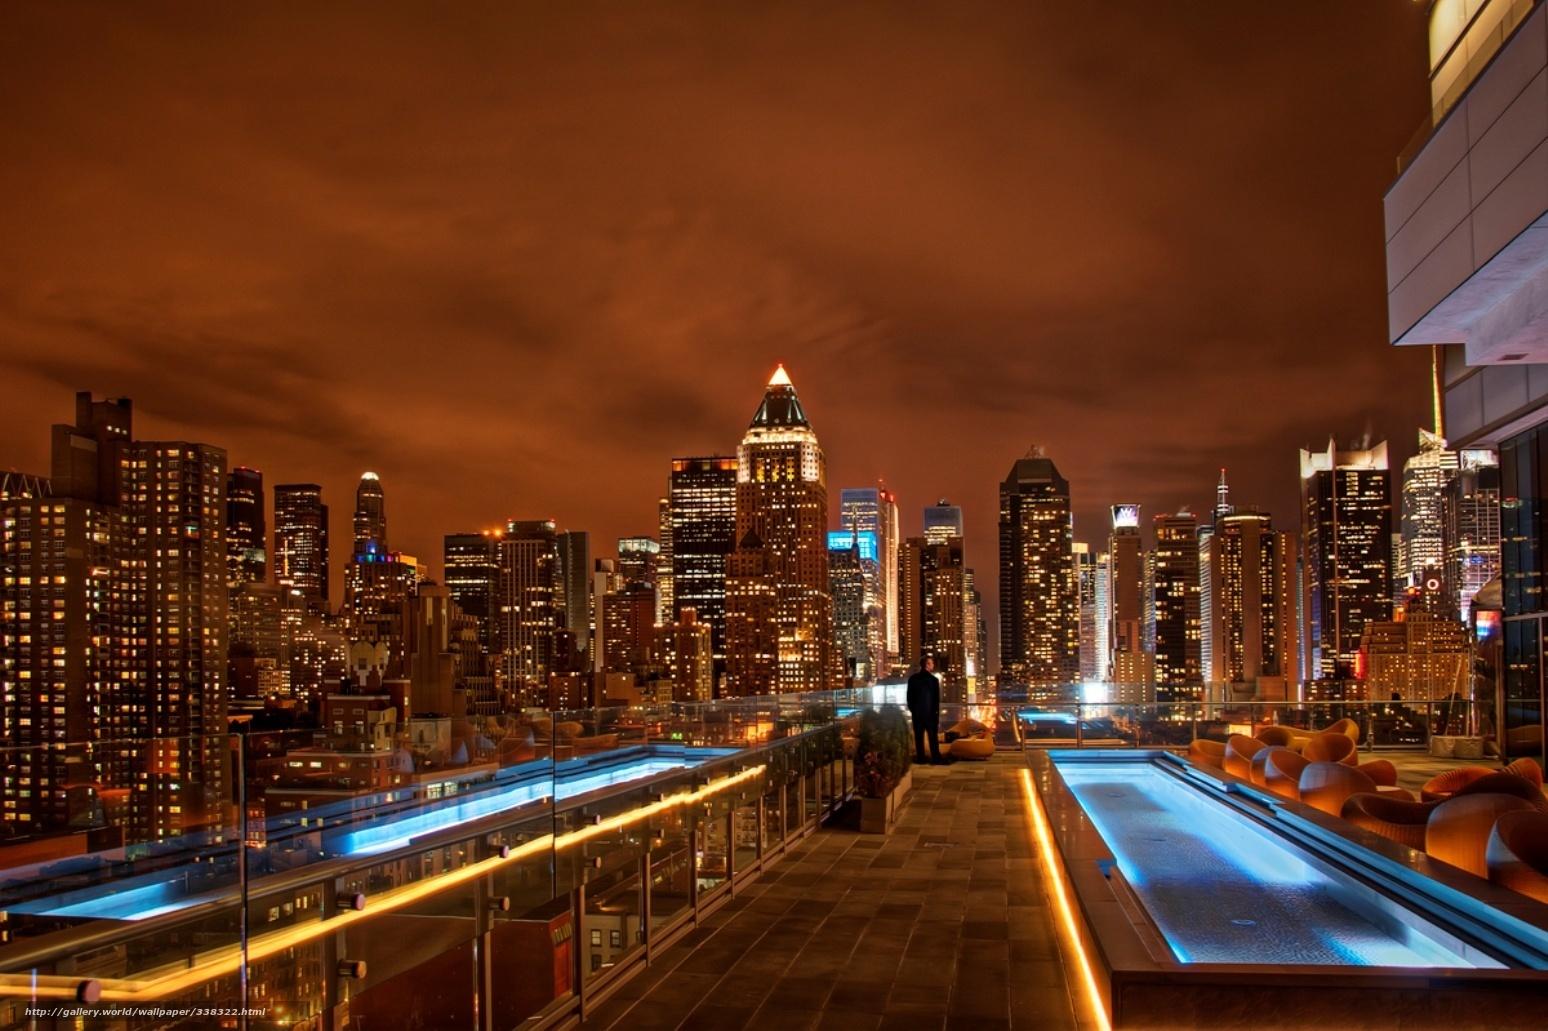 Tlcharger fond d 39 ecran new york ville lumires fonds d for Ville a new york